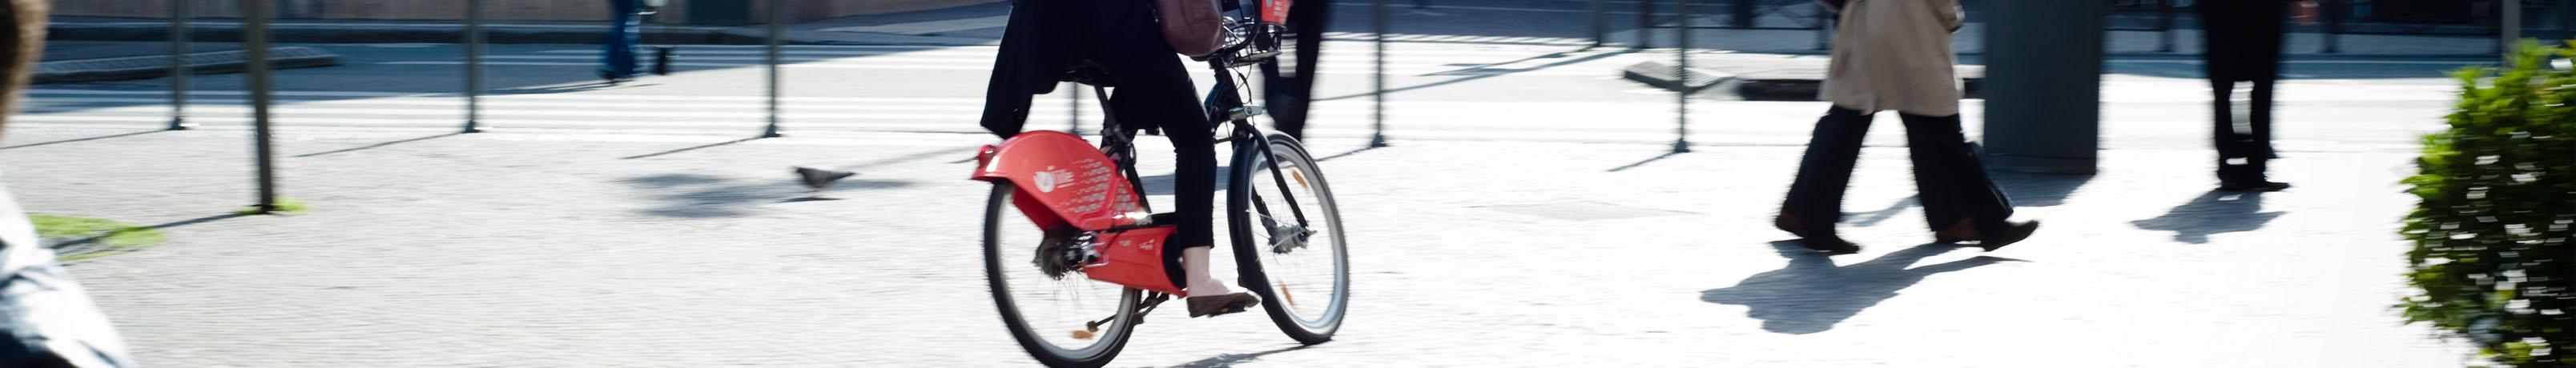 vélos partagés